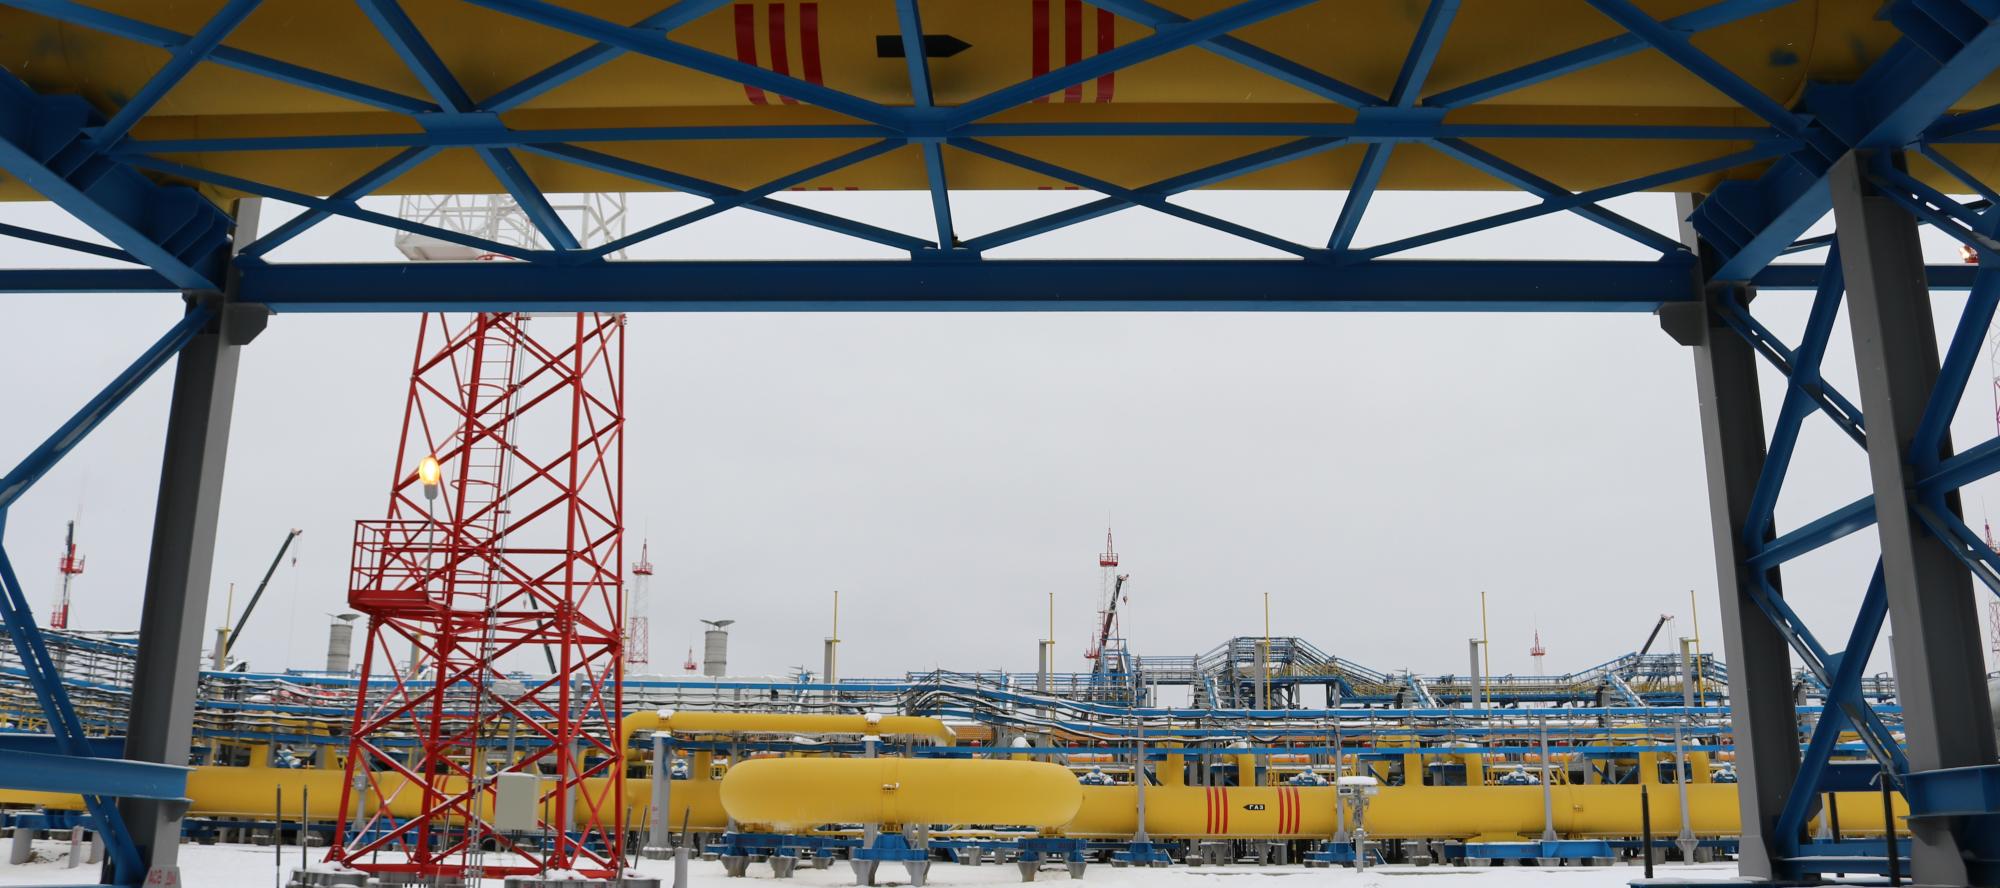 Обе нитки Турецкого потока заполнены газом, идет подготовка к поставкам газа в Китай по Силе Сибири-1